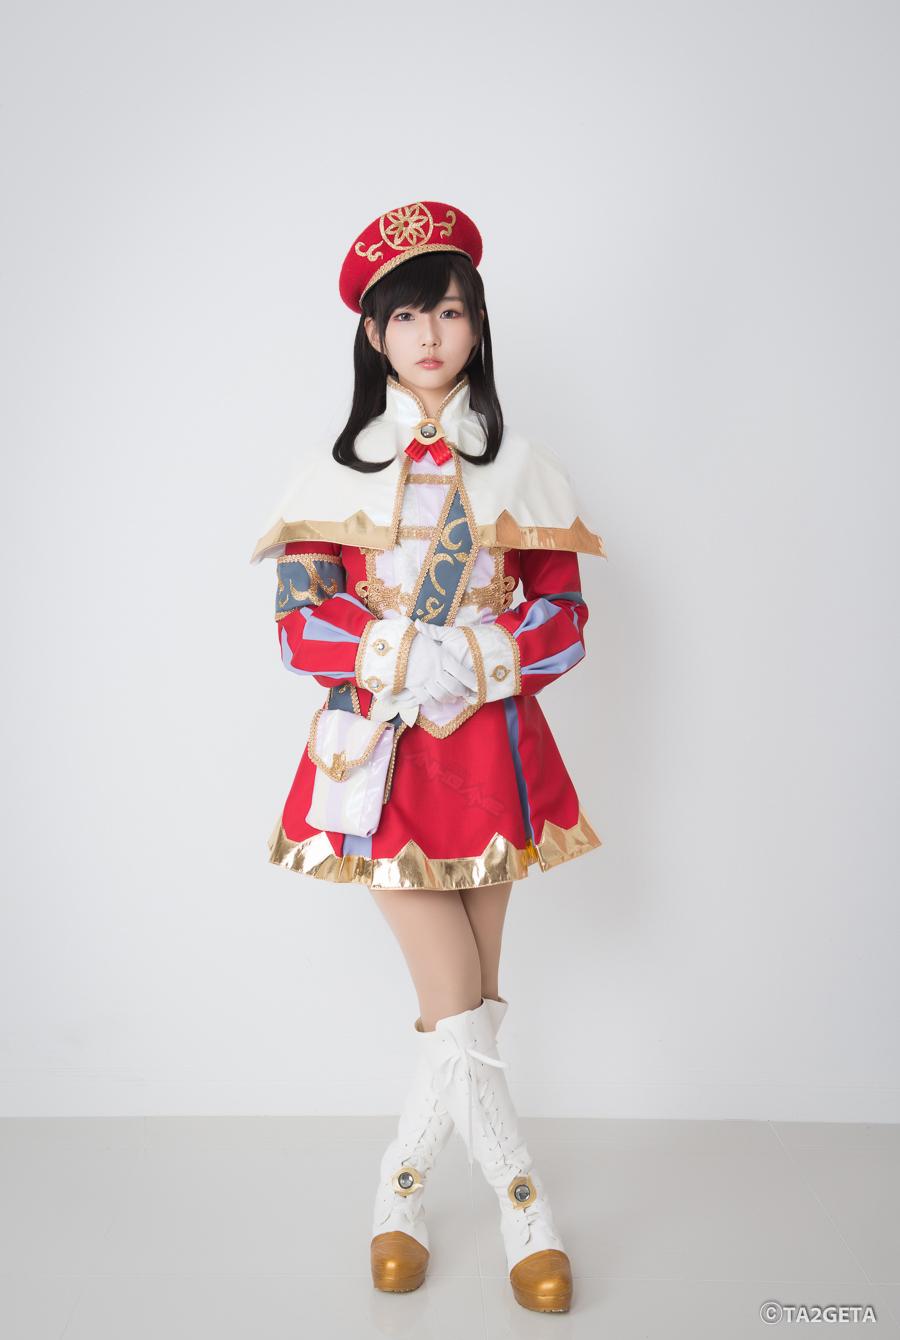 Ngắm cosplay Dragon Nest siêu đẹp của nhóm J-Cos - Ảnh 6